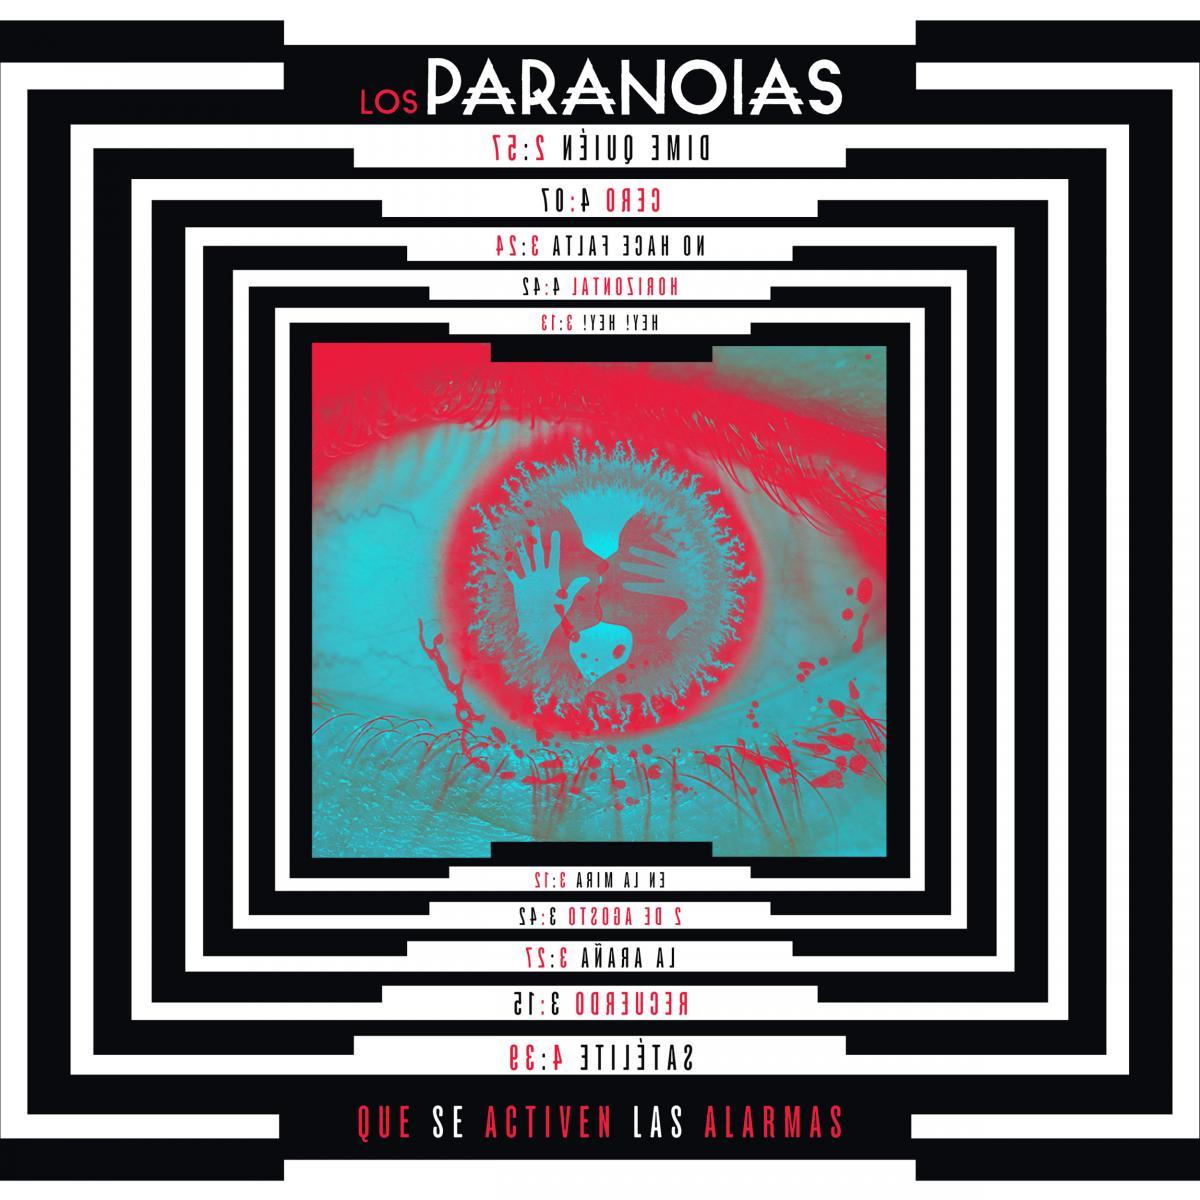 LosPARANOIAS_iTunes_2500x2500px